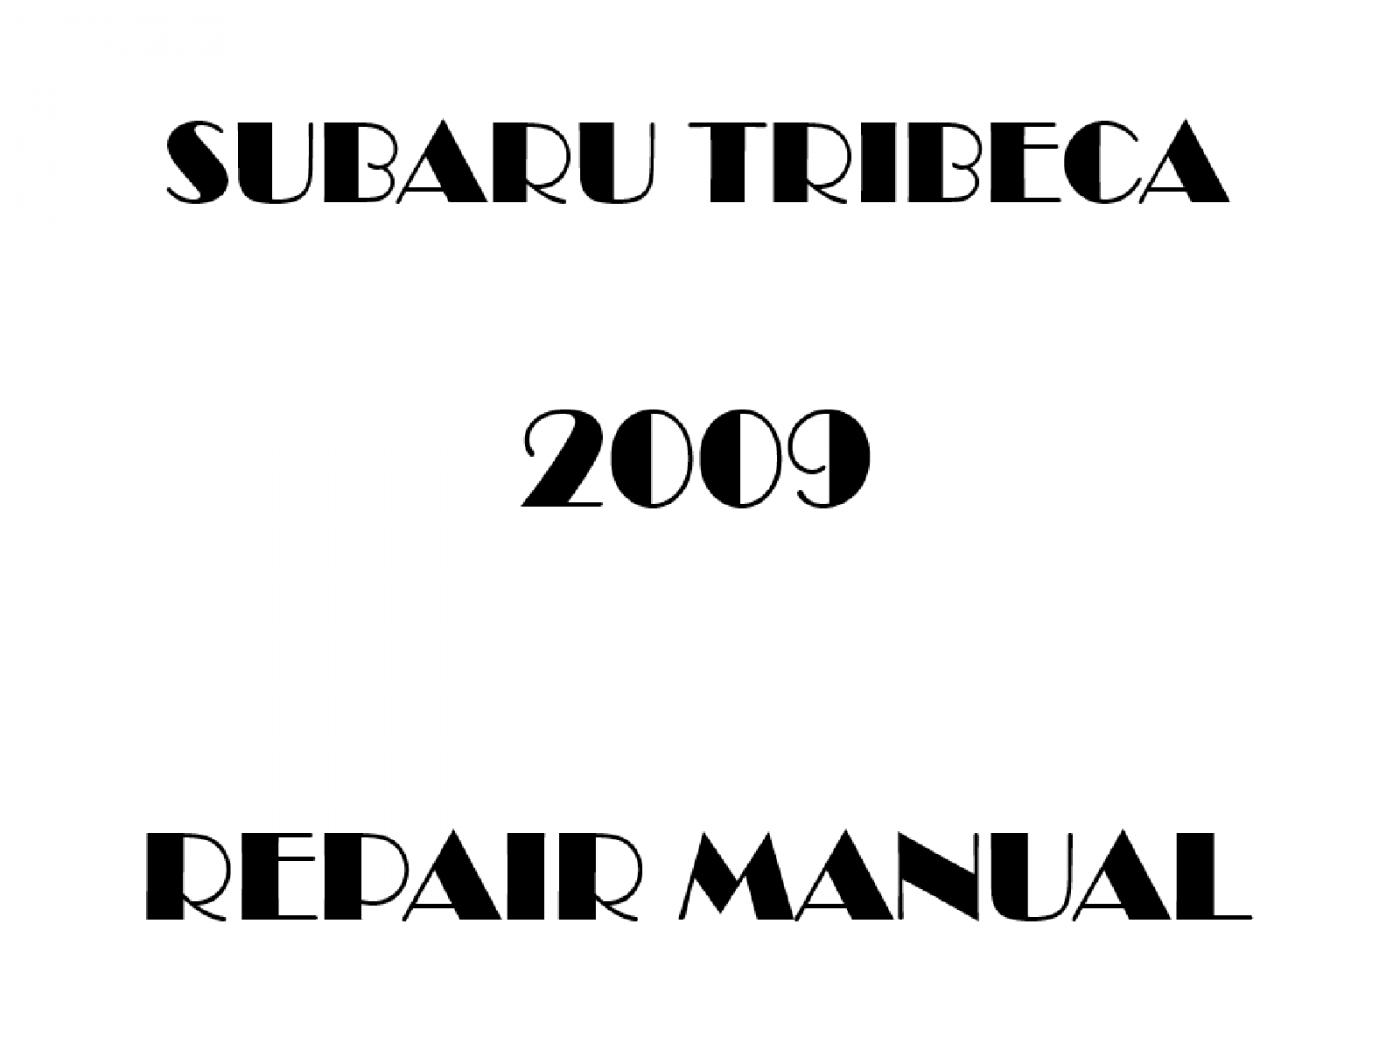 2009 Subaru Tribeca repair manual